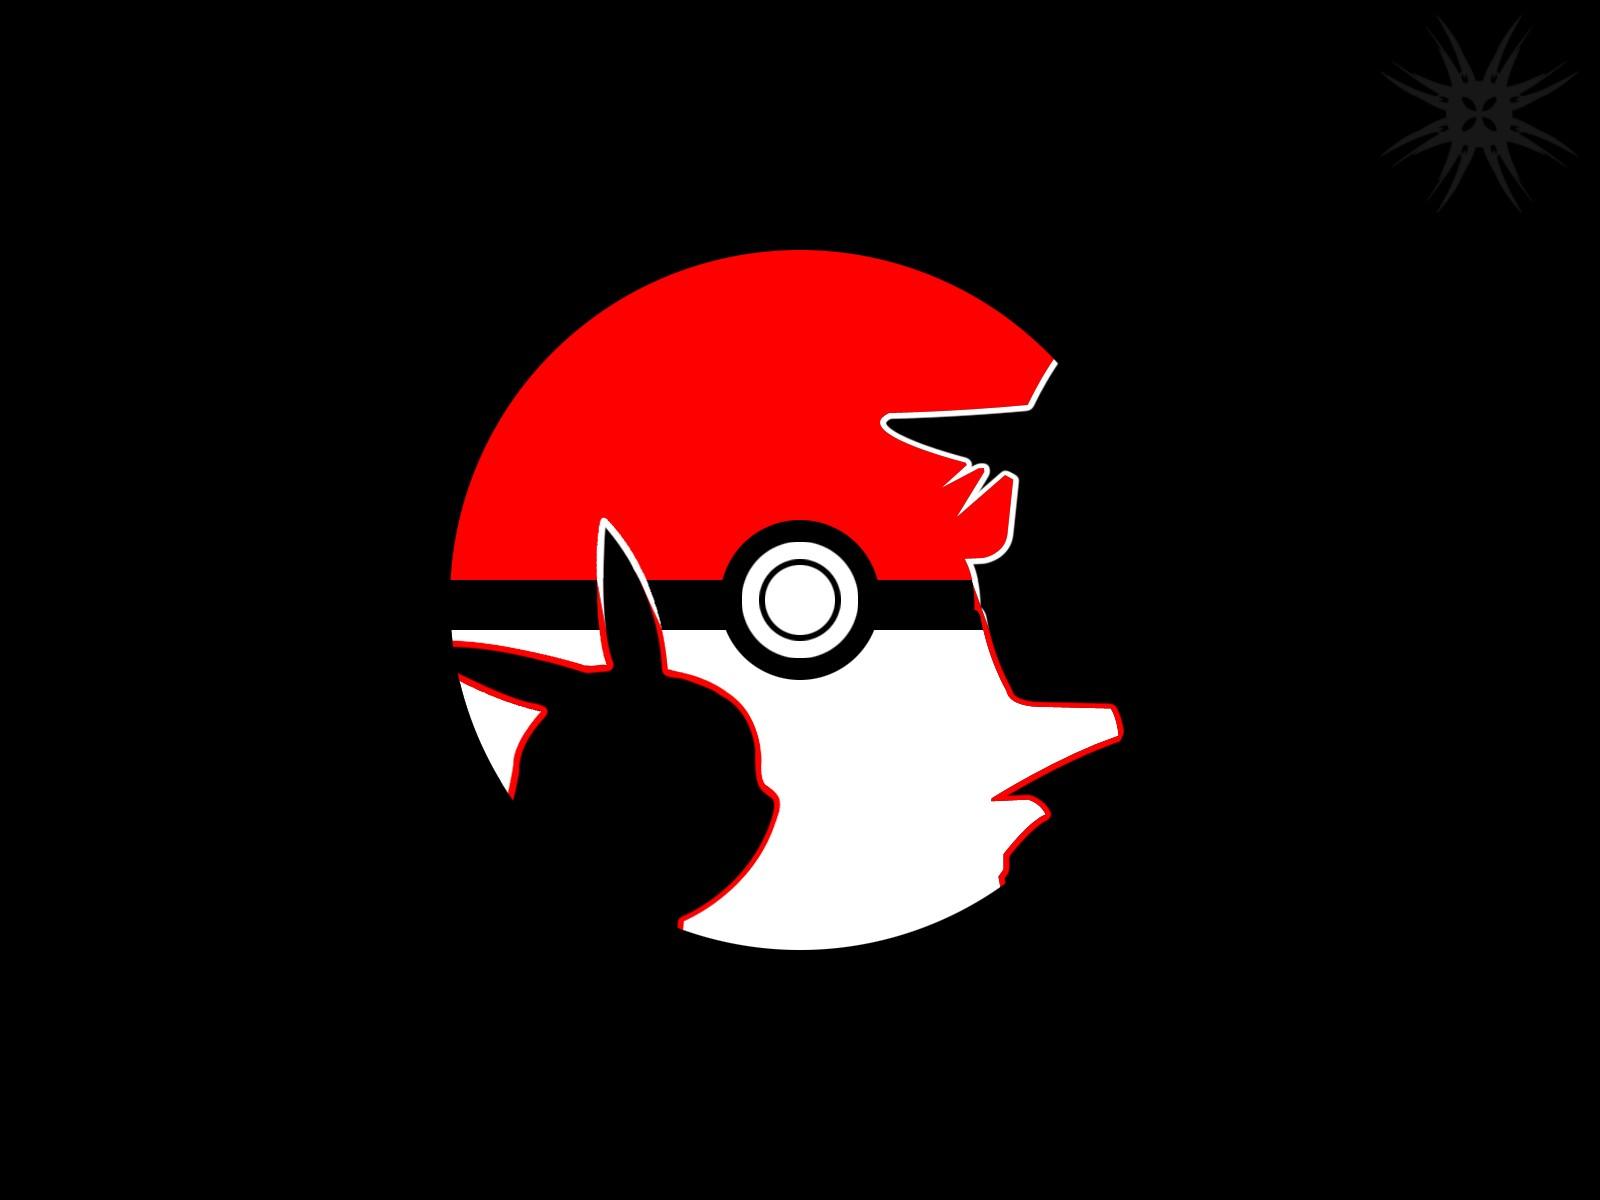 Pokemon Black Wallpaper 1600x1200 Pokemon Black Red White Pikachu 1600x1200